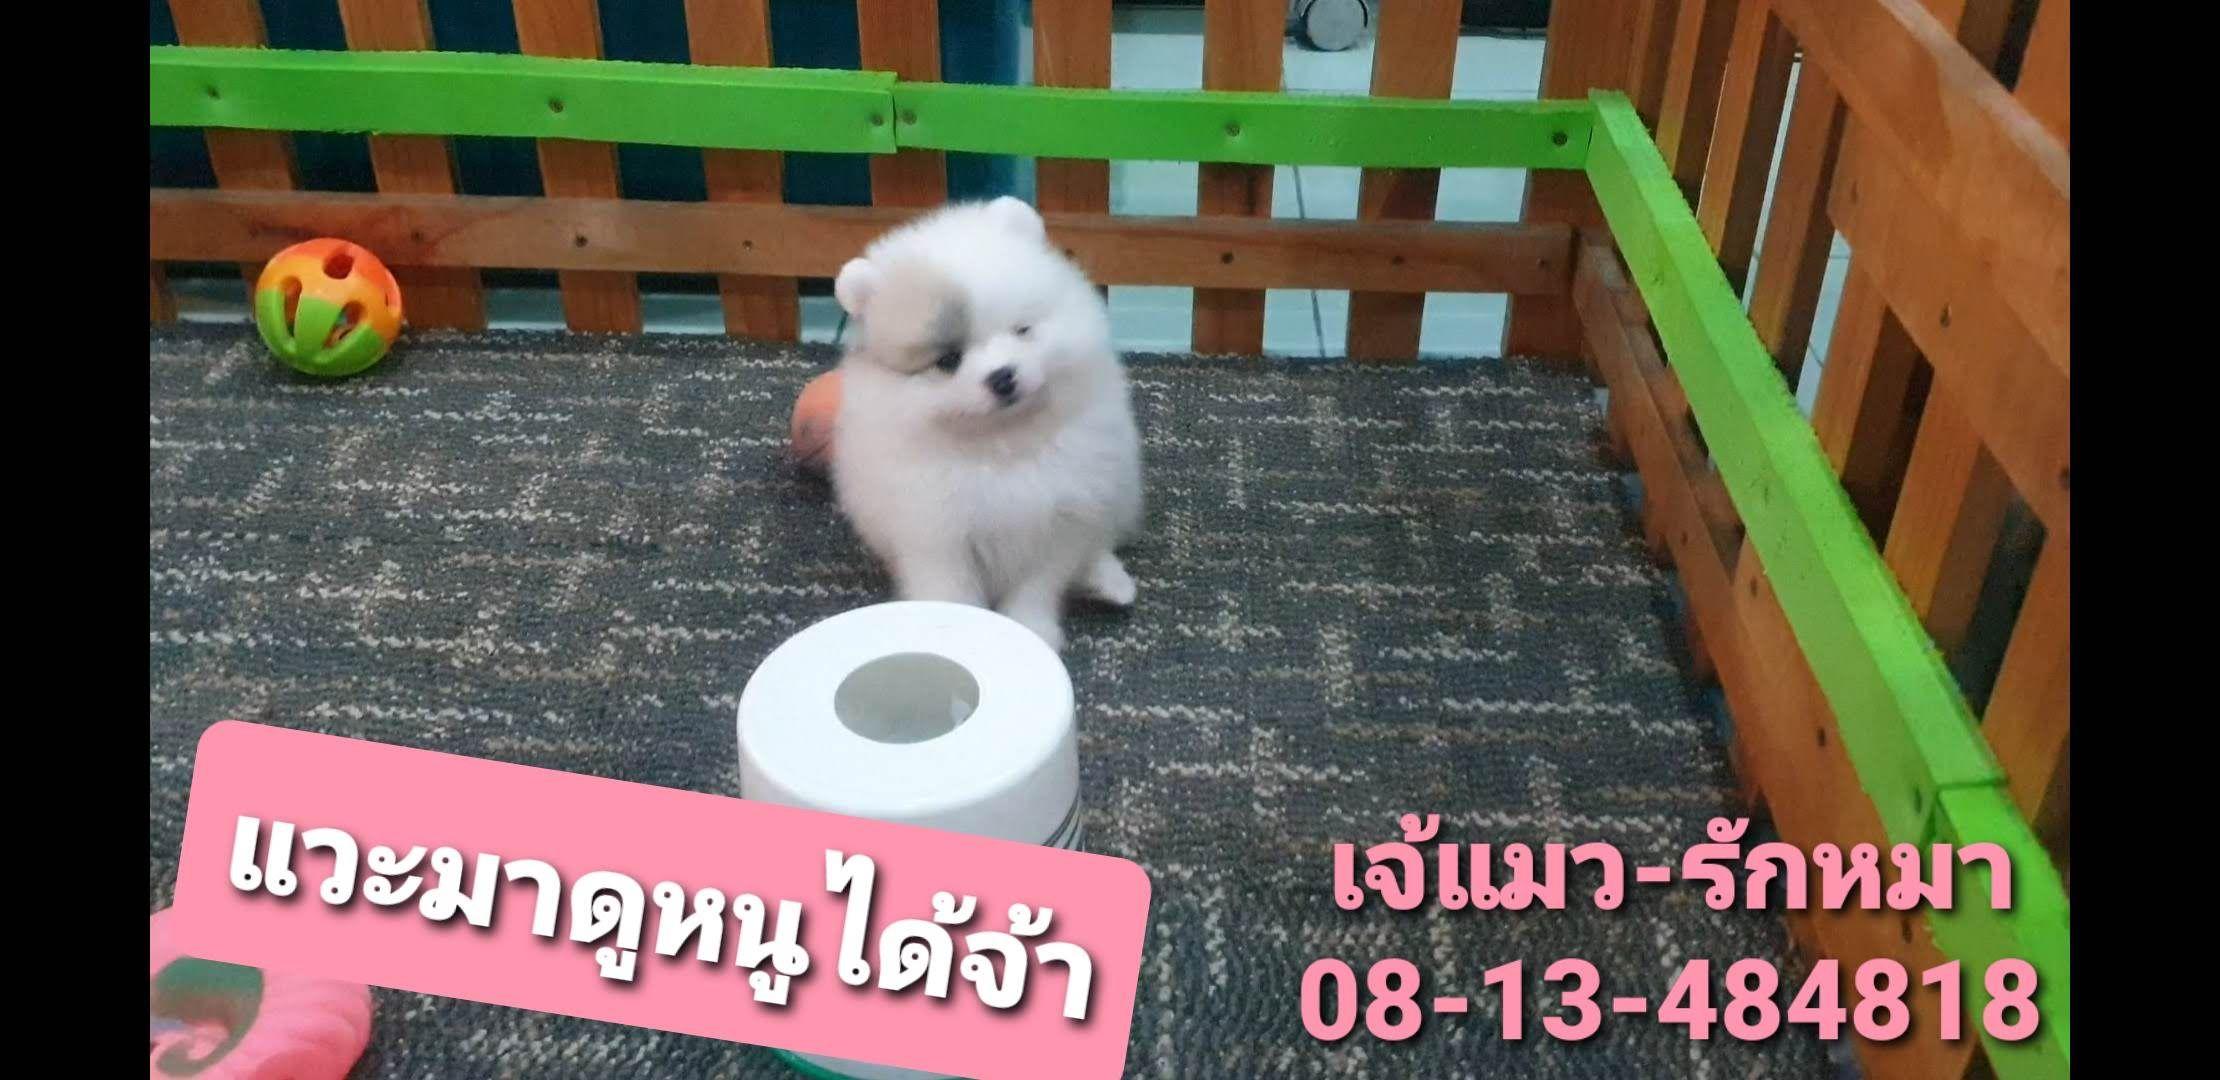 ขายหมาภ เก ต Pomeranian ปอมเมอร เรเน ยน ภ เก ต Teacup ช วาว า ปอม 08 13 484818 เจ แมว ร กหมา ส น ข ช ส ฮ สก